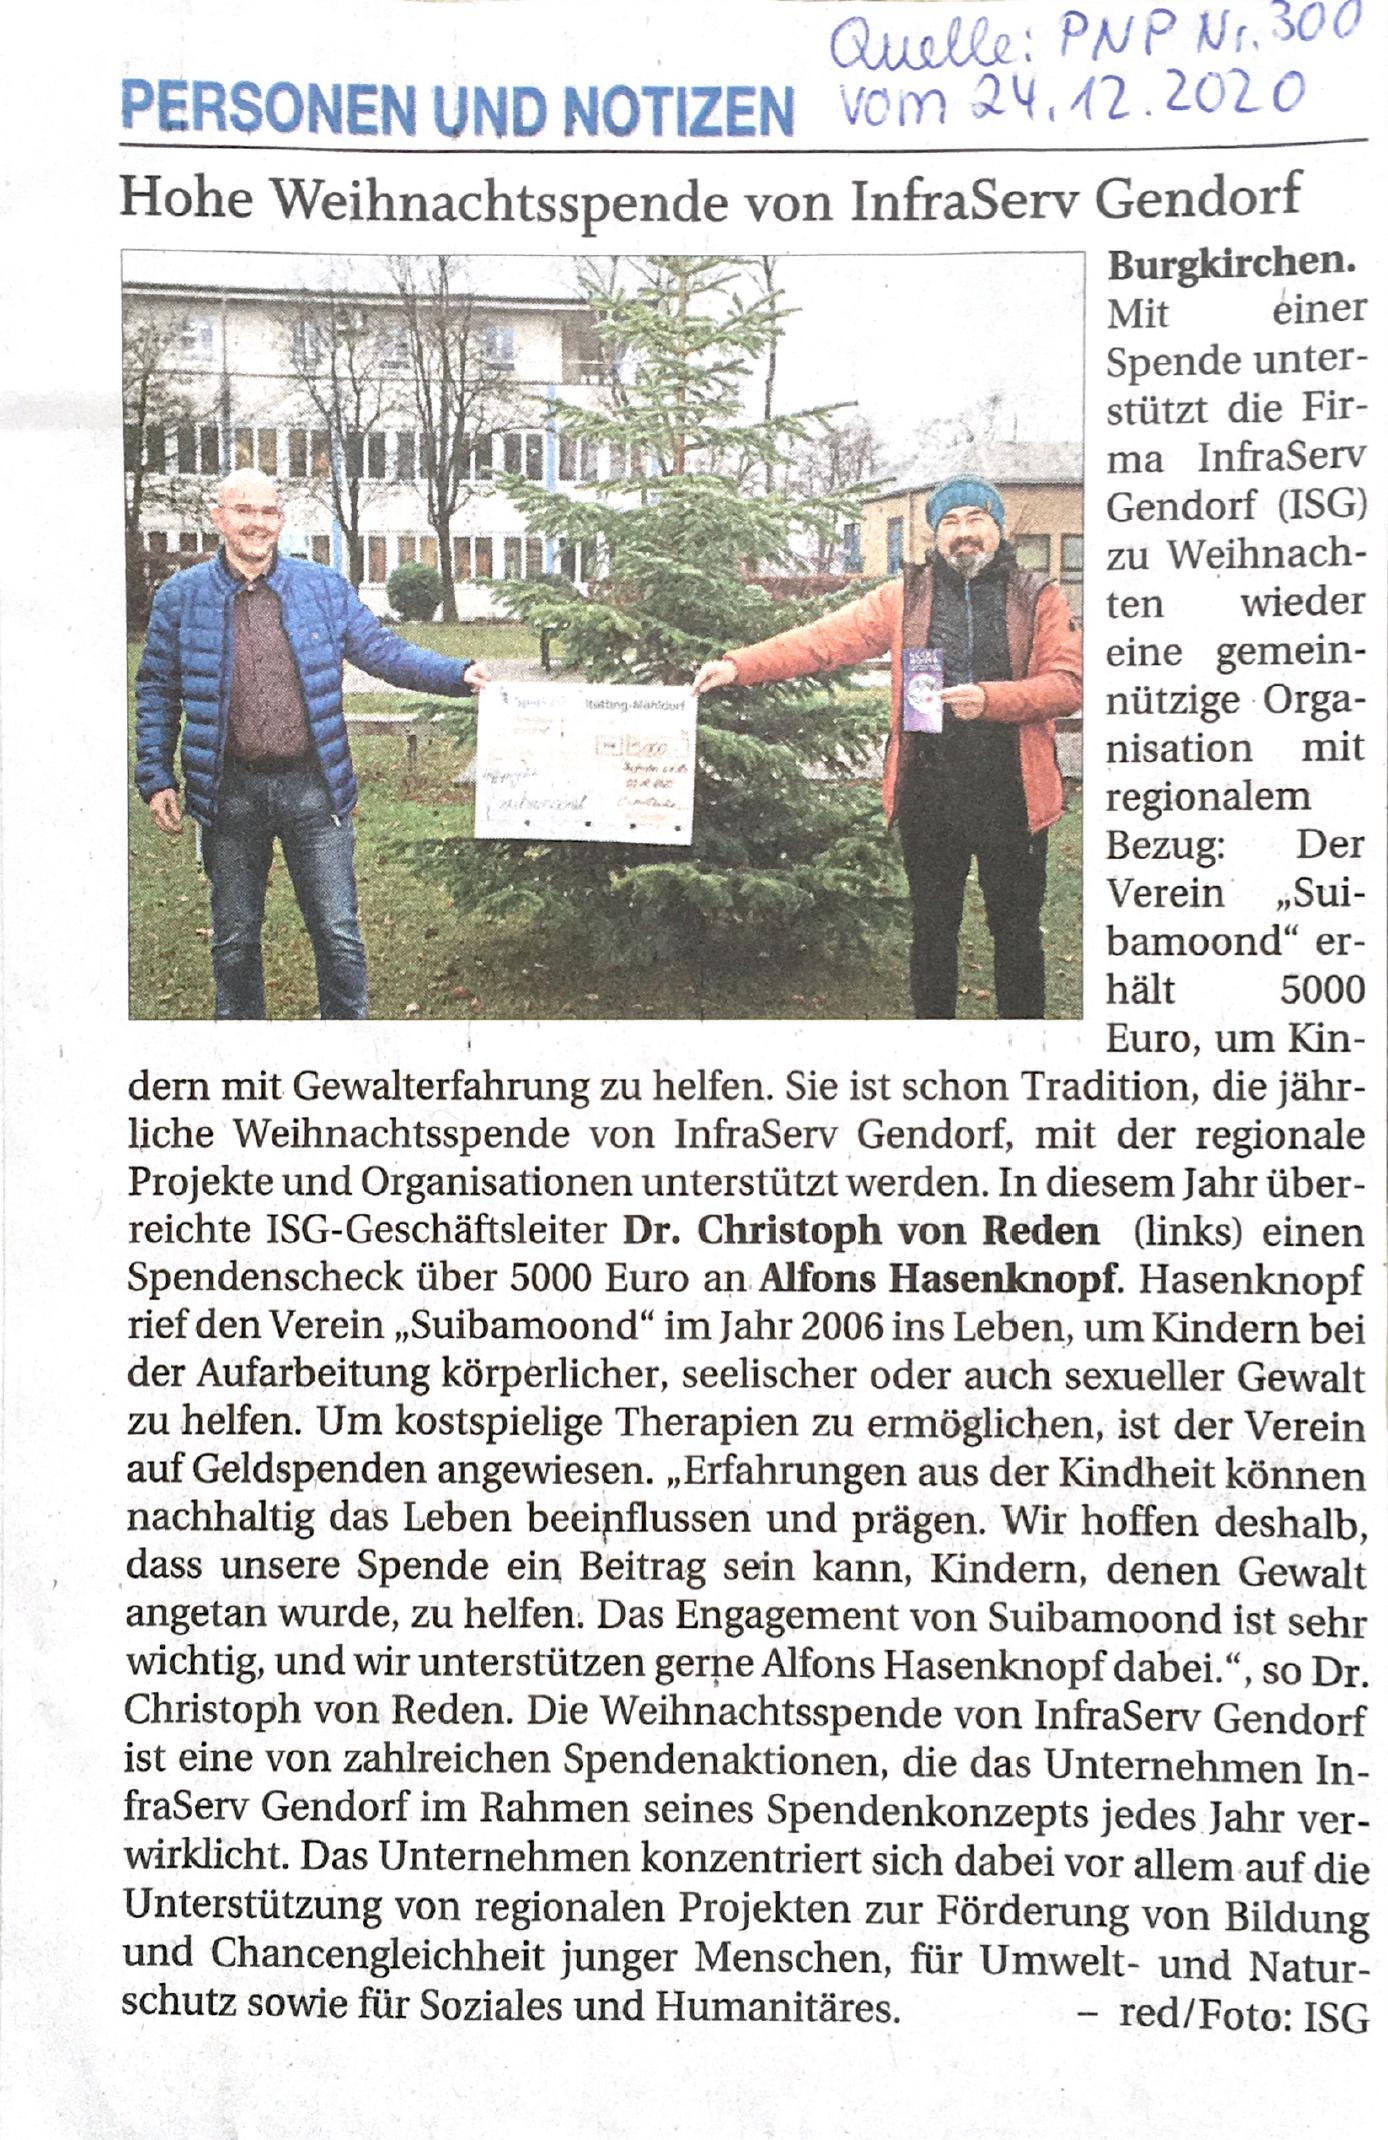 InfraServ Gendorf spendet für Suibamoond